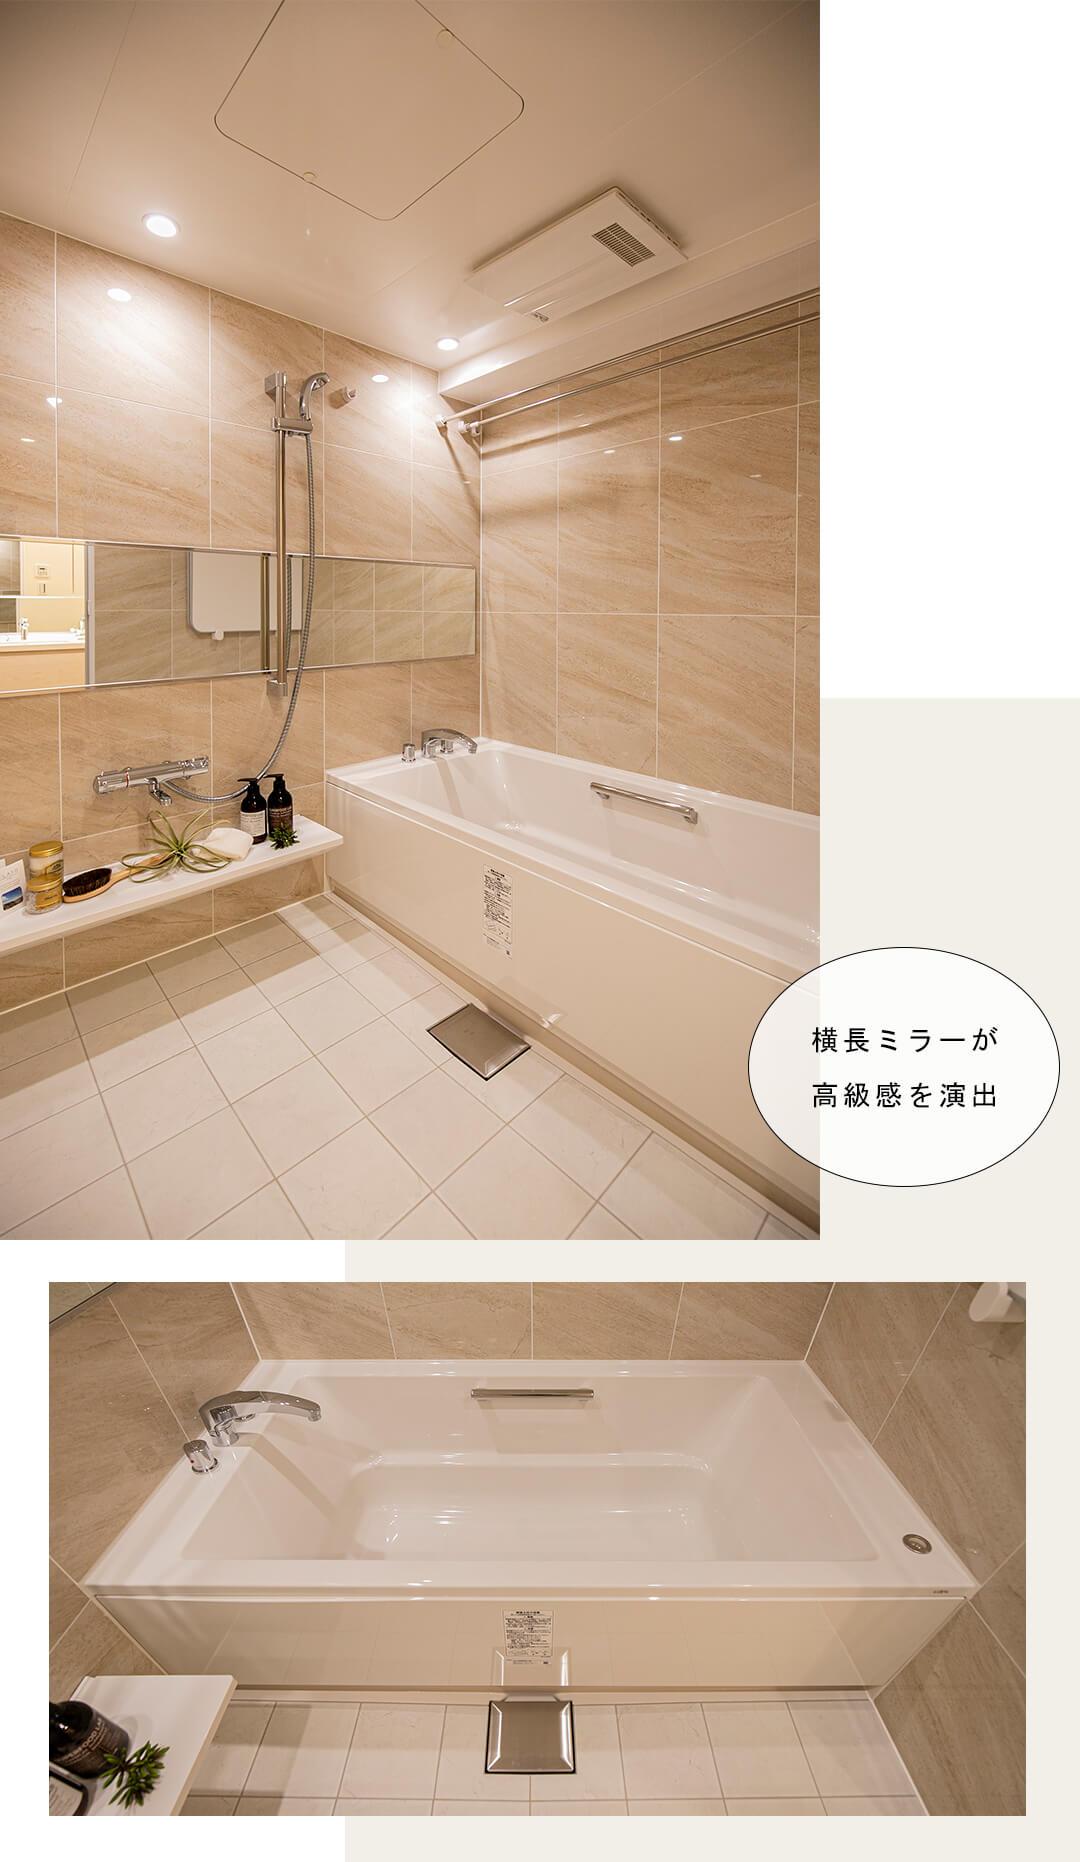 南青山スカイハイツの浴室